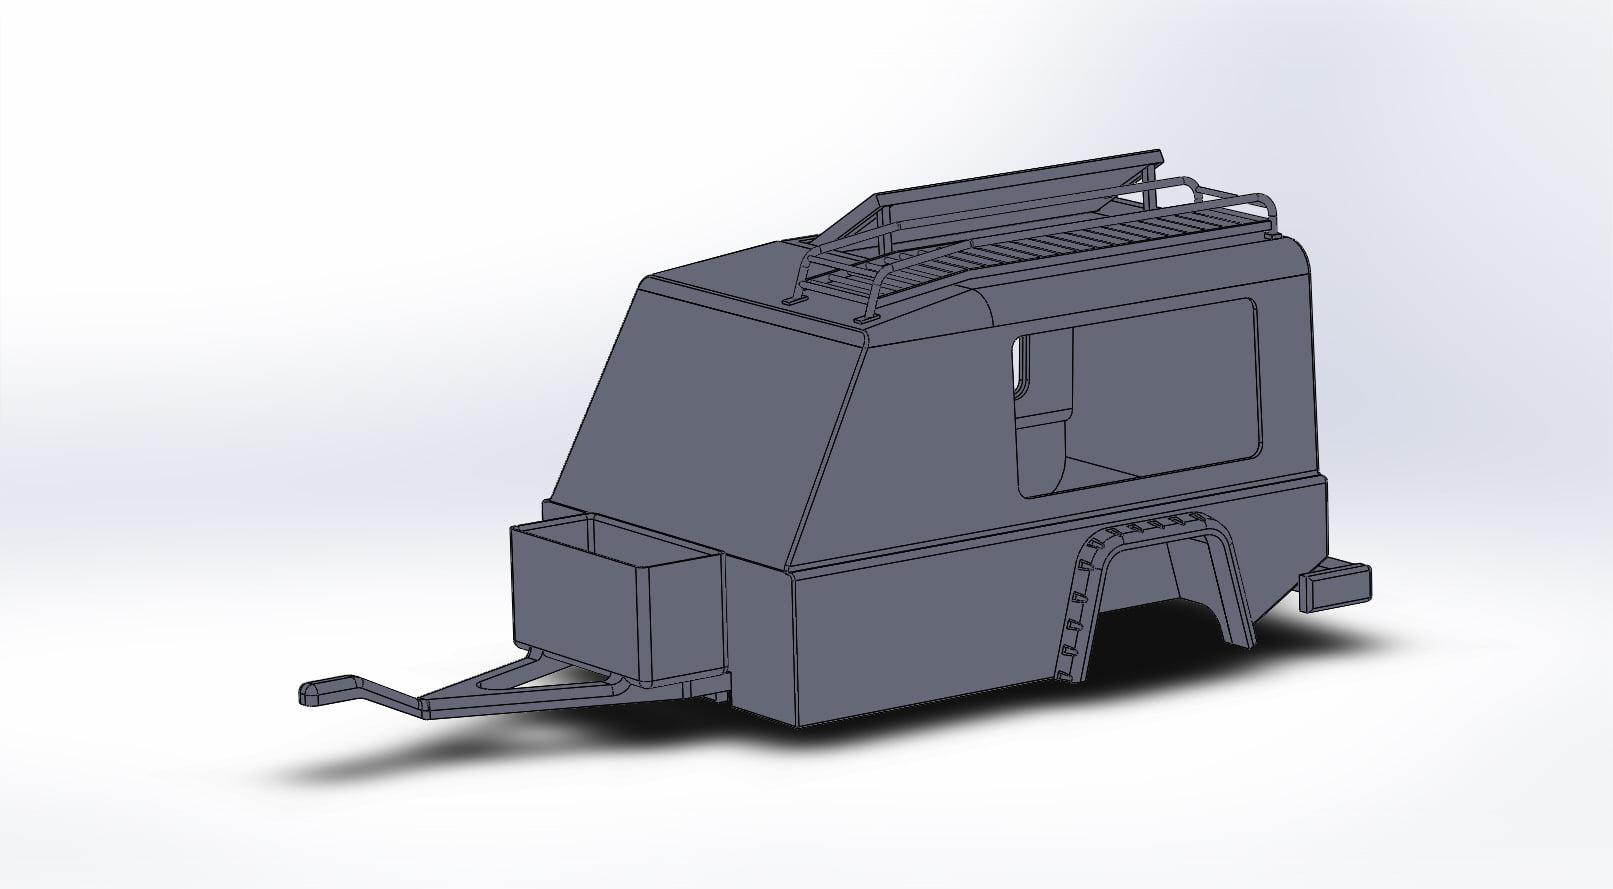 Remorque Land Rover Defender Steel Young